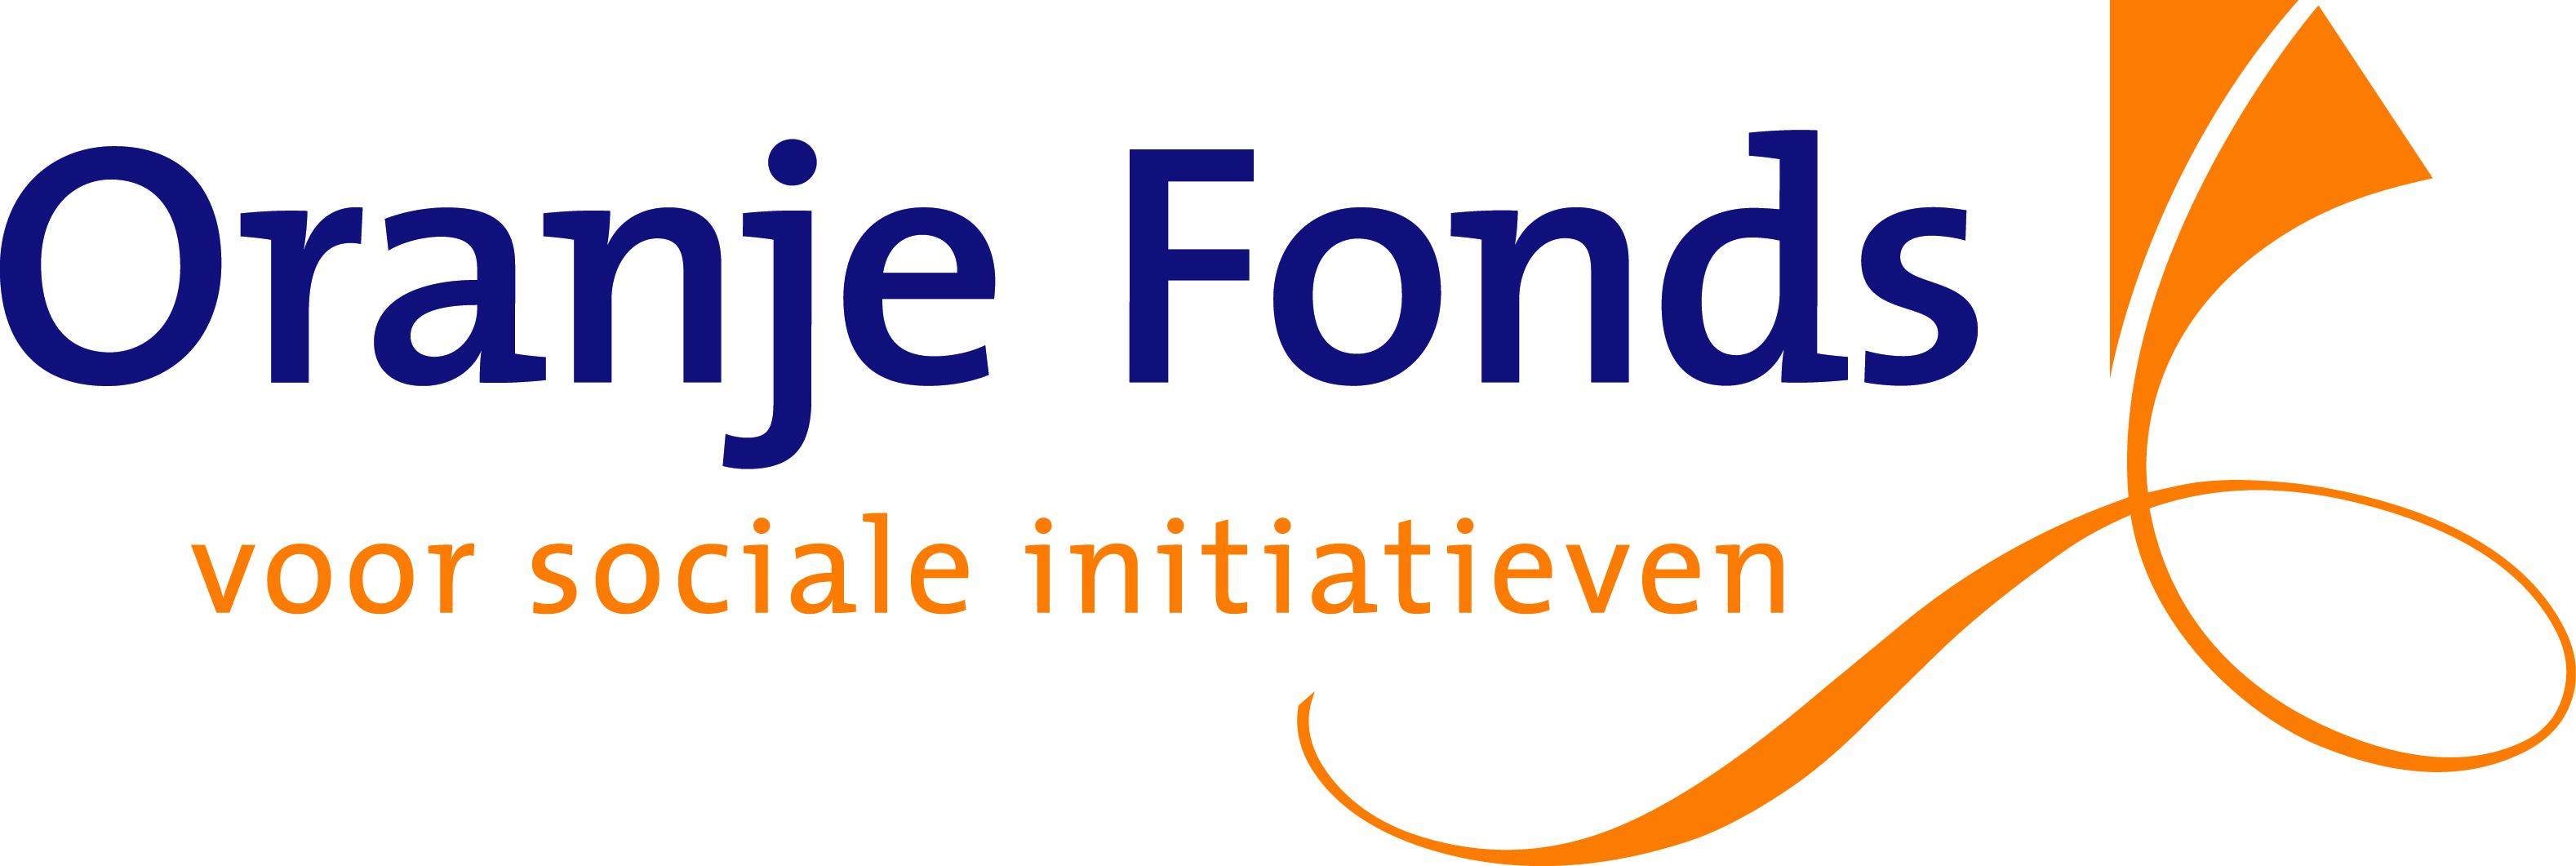 Oranje_Fonds-logo_vsi